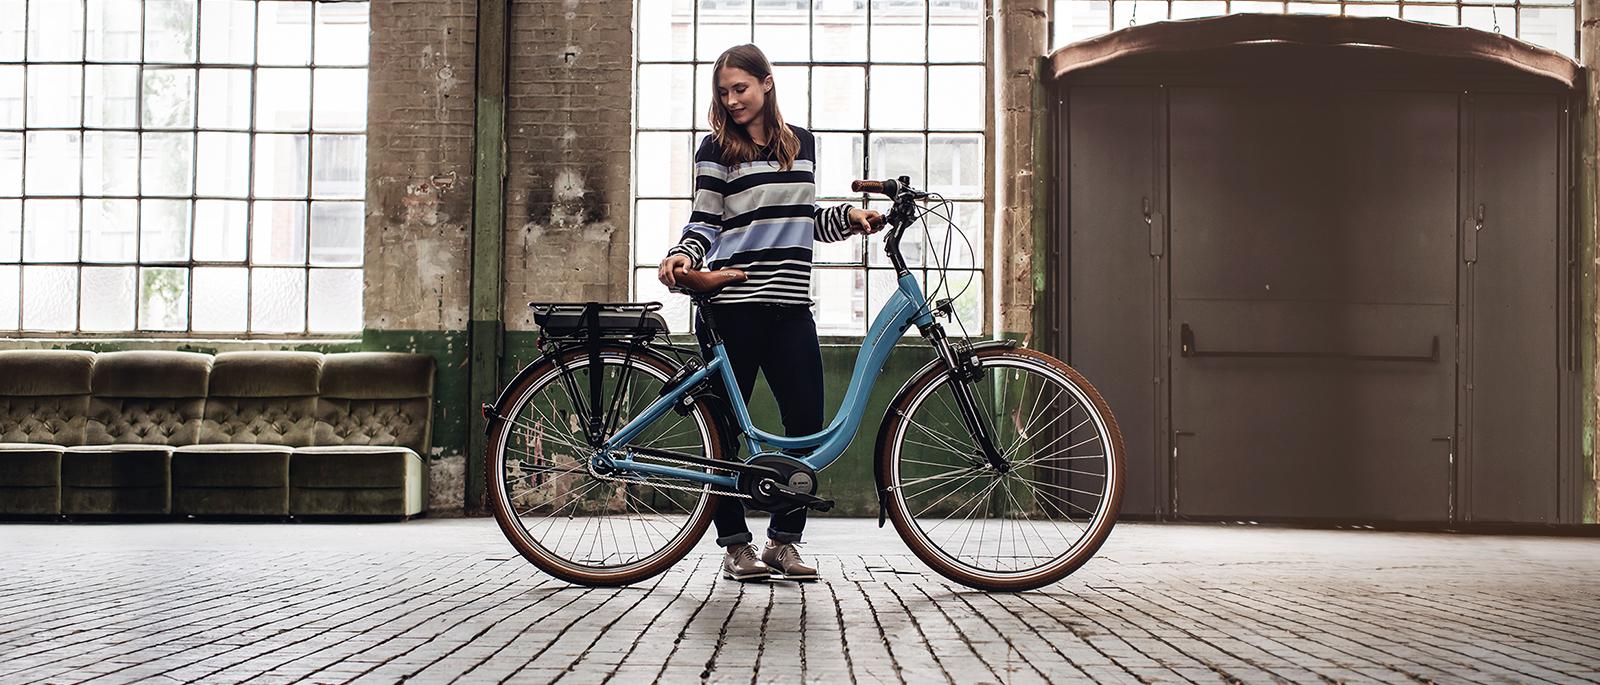 Riese Muller Swing2 City e-bike